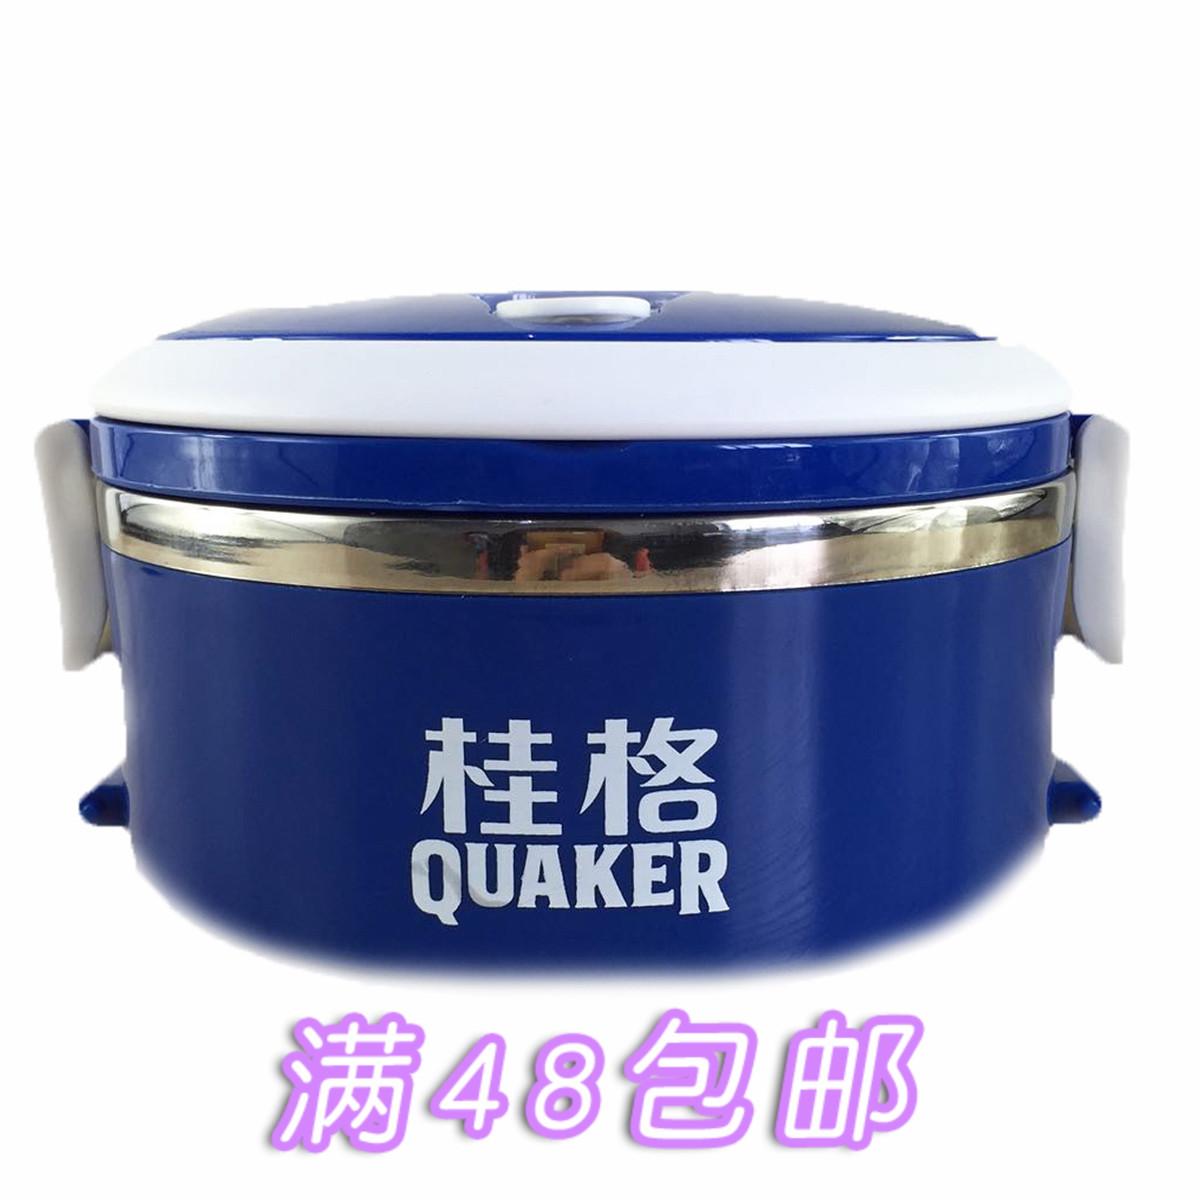 桂格保溫餐盒  多層保溫飯盒 不鏽鋼飯盒  可自由搭配 單層6.5元